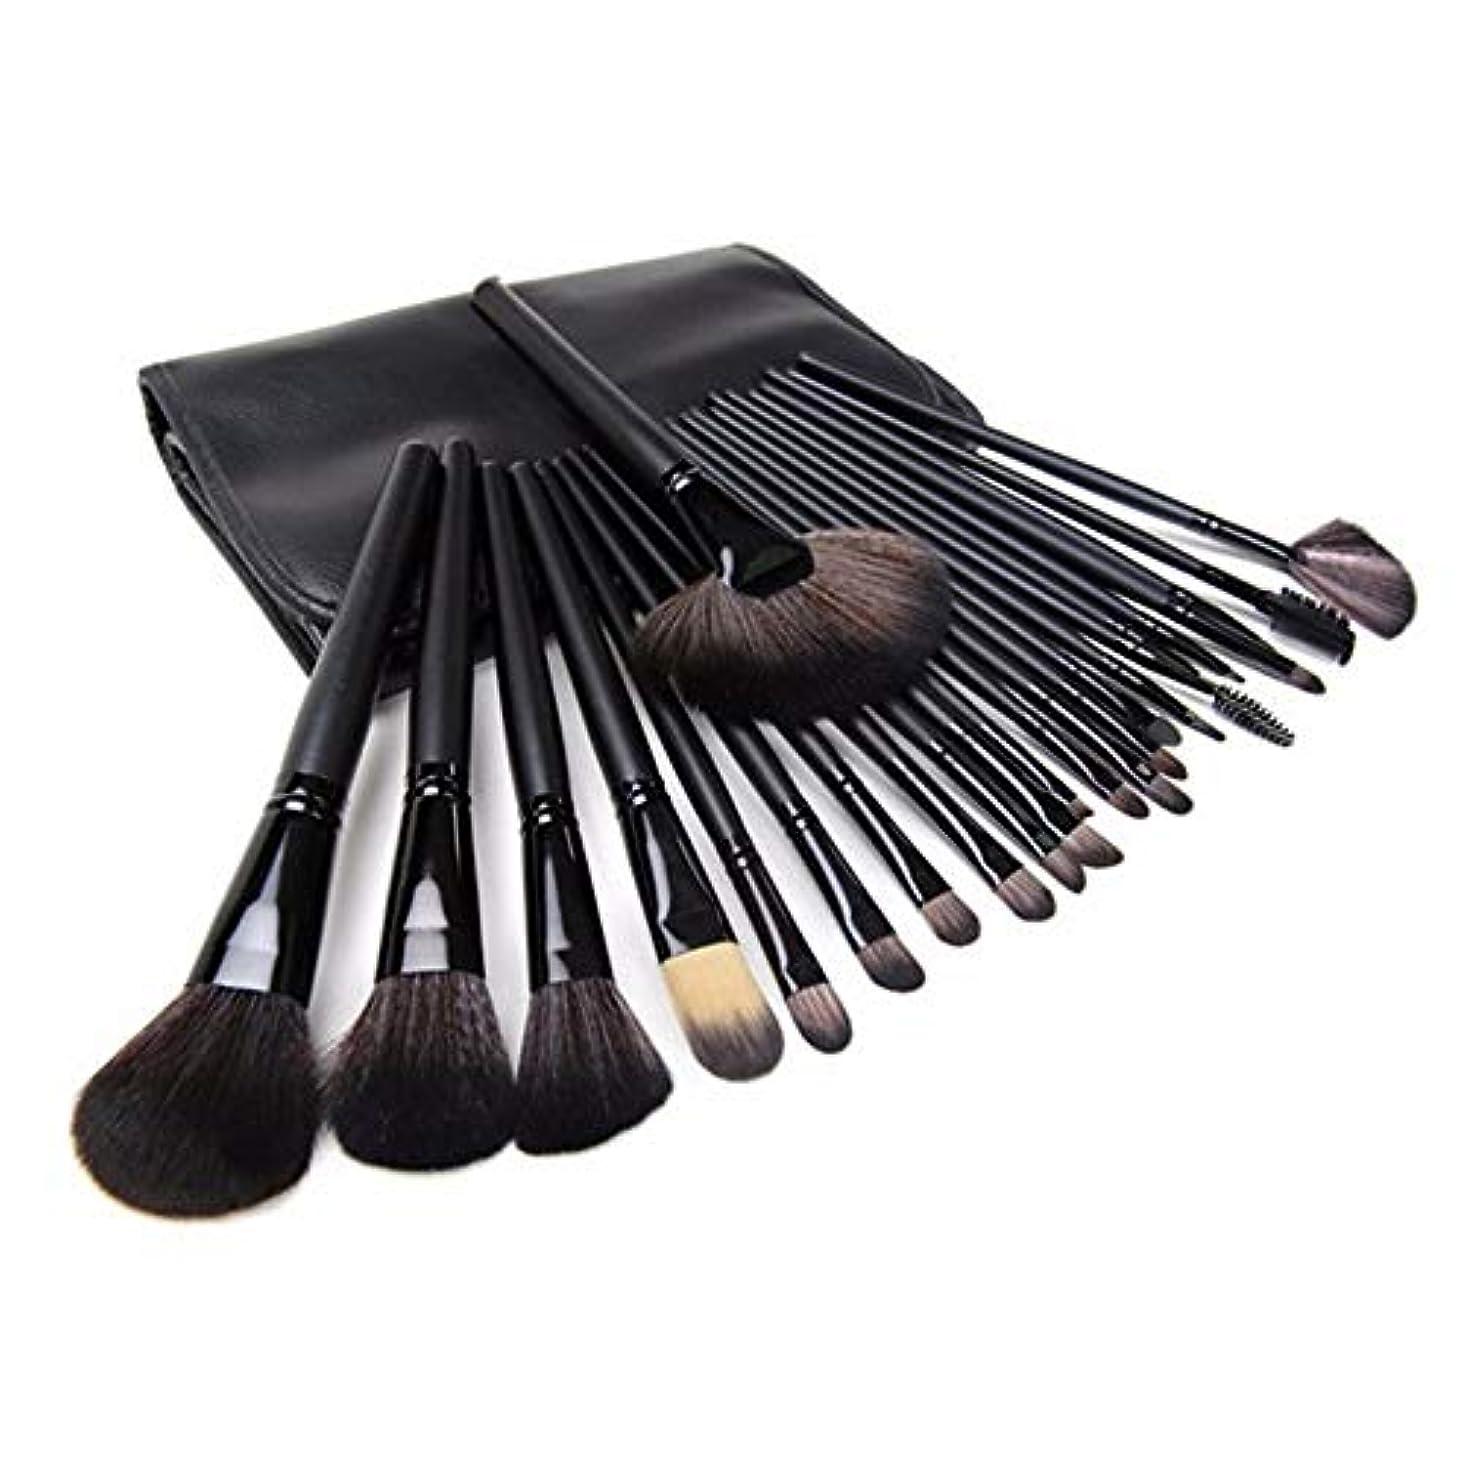 驚くべきうん放課後Makeup brushes メイクアップバッグ、24ピースメイクアップブラシ完熟セミシンセティックファンデーションブラッシュコンシーラーアイシャドウリップバーム、メイクアップブラシセット suits (Color :...